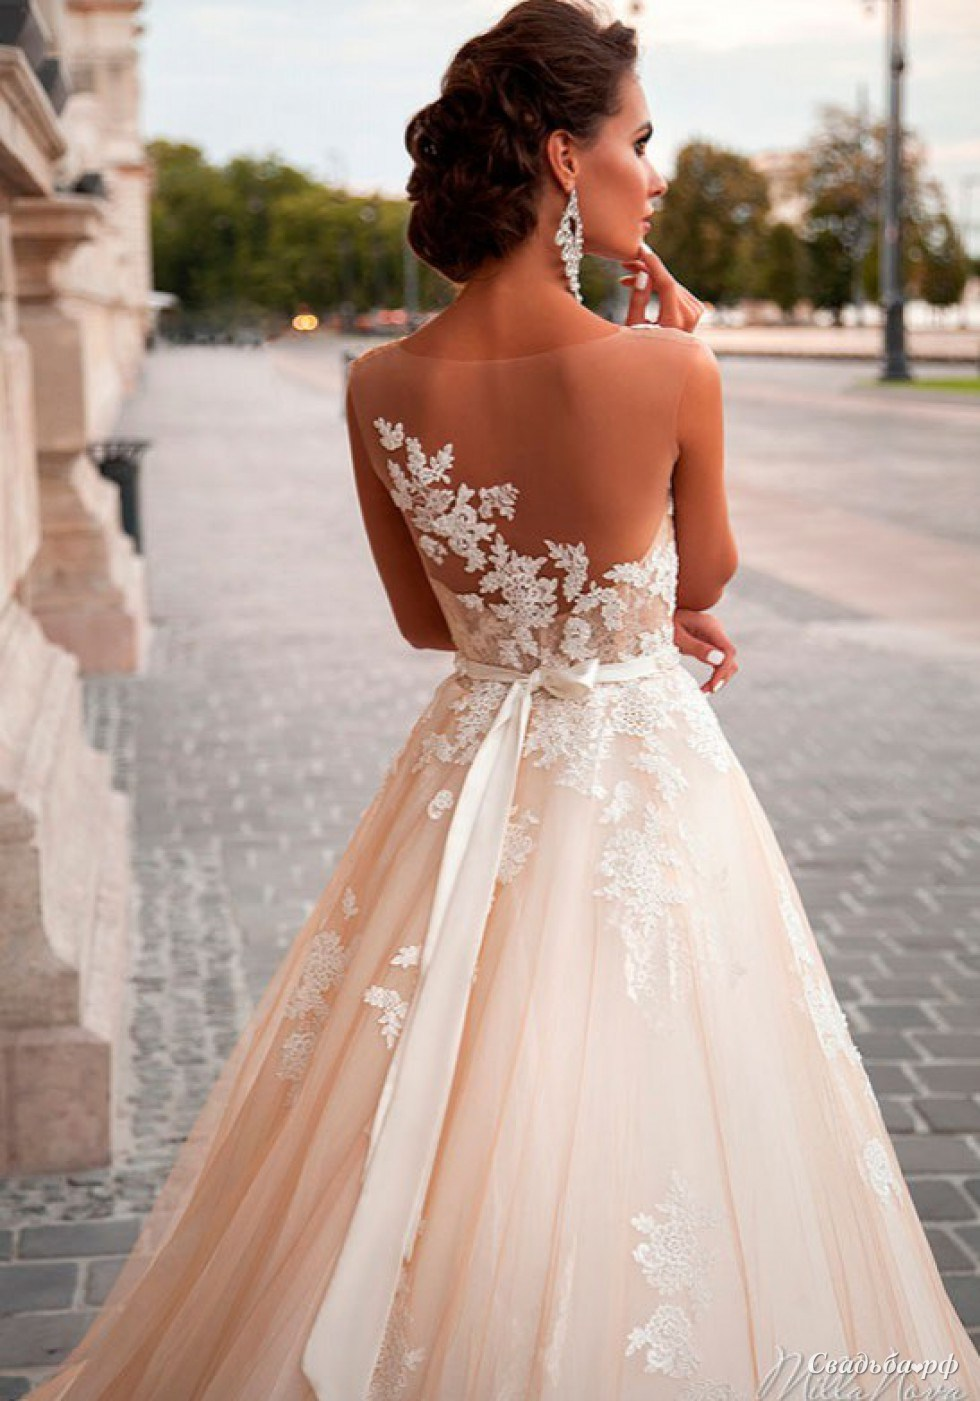 5d35a00fdf9 Купить свадебное платье Jeneva-А679 (Италия